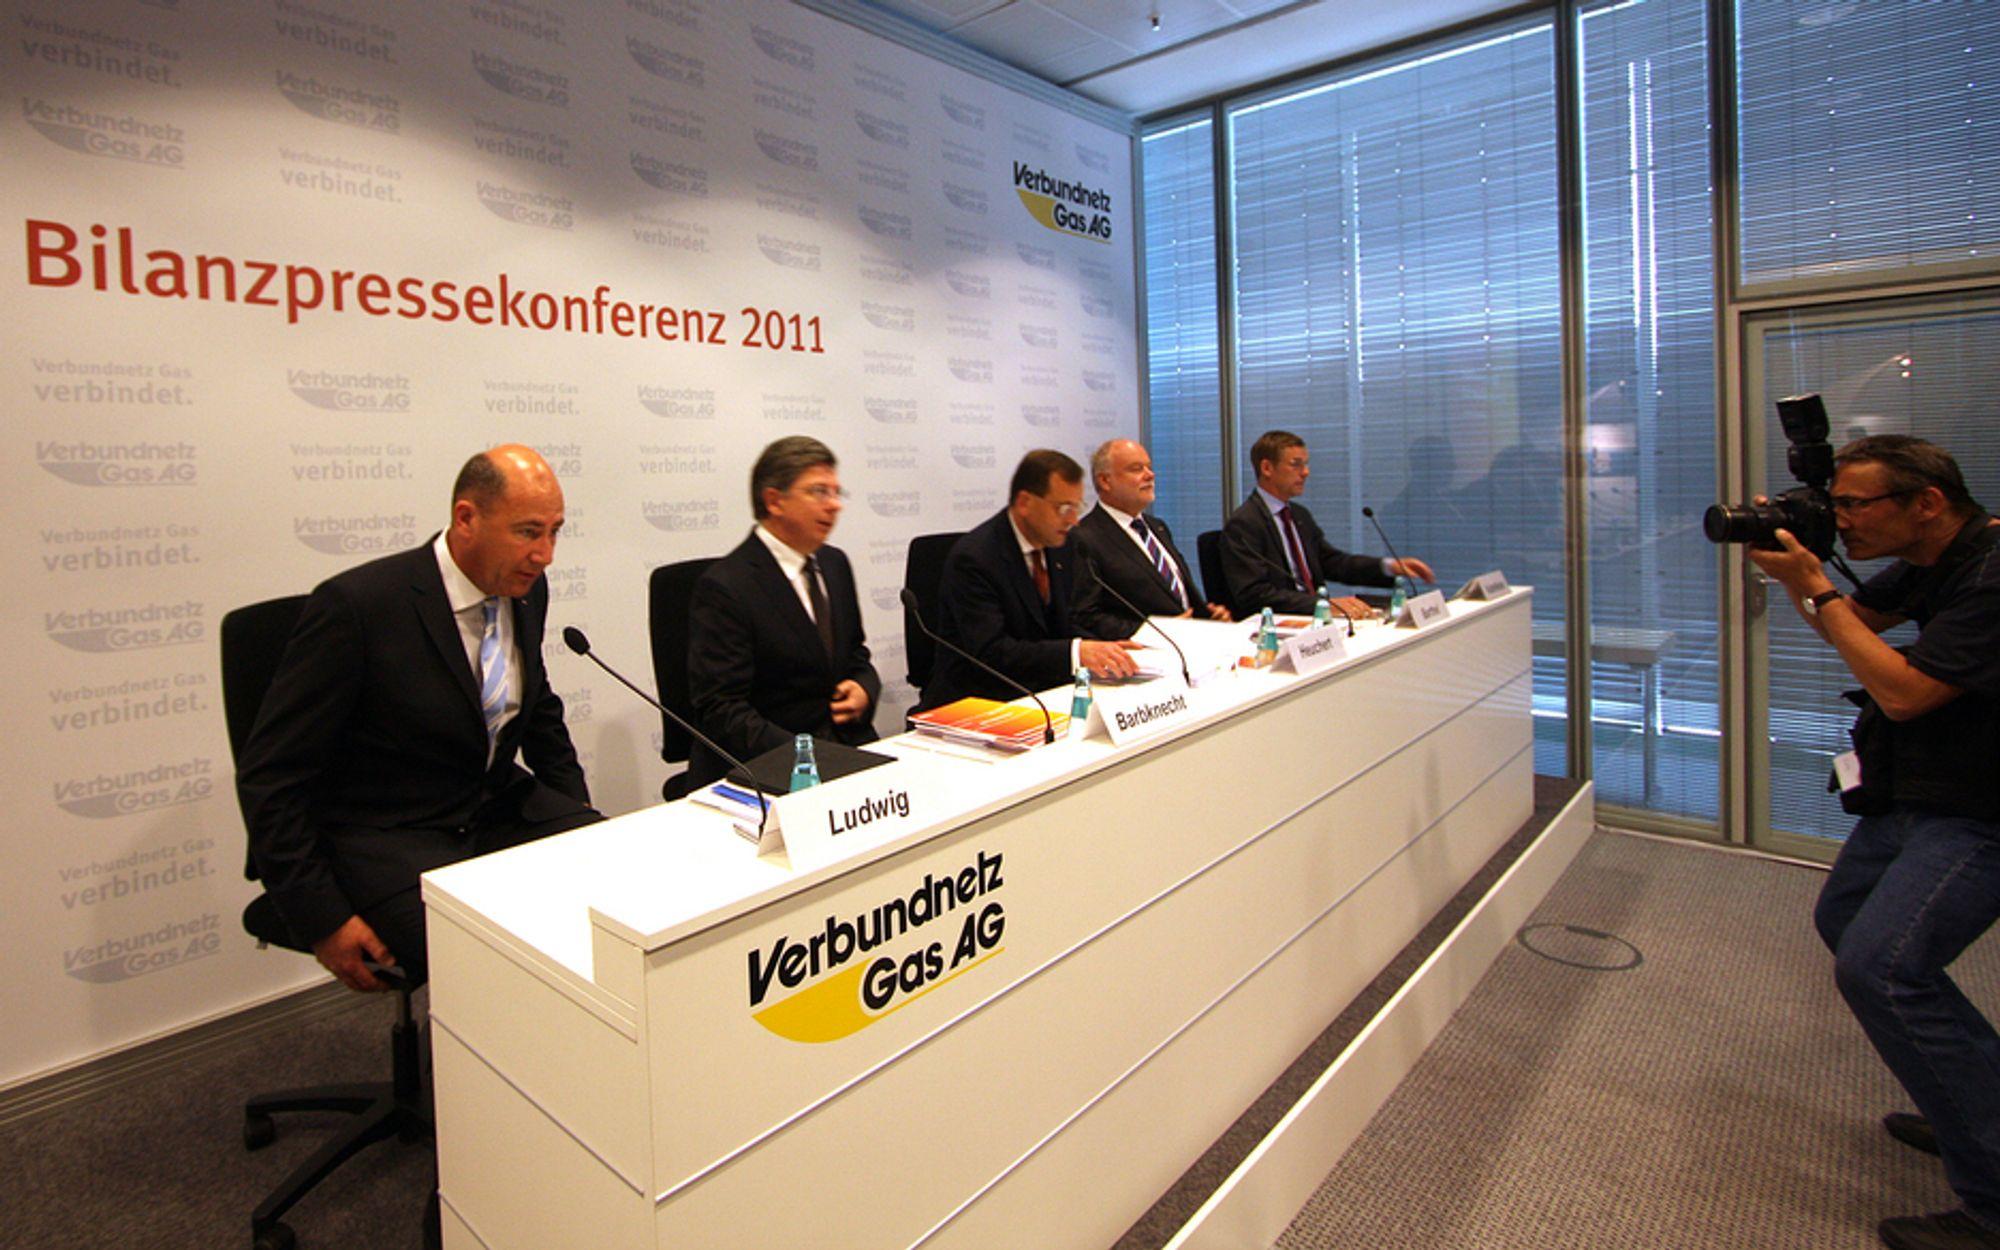 SKUFFENDE: Ledelsen i VNG fikk mange kritiske spørsmål fra tyske journalister etter det skuffende årsresultatet.